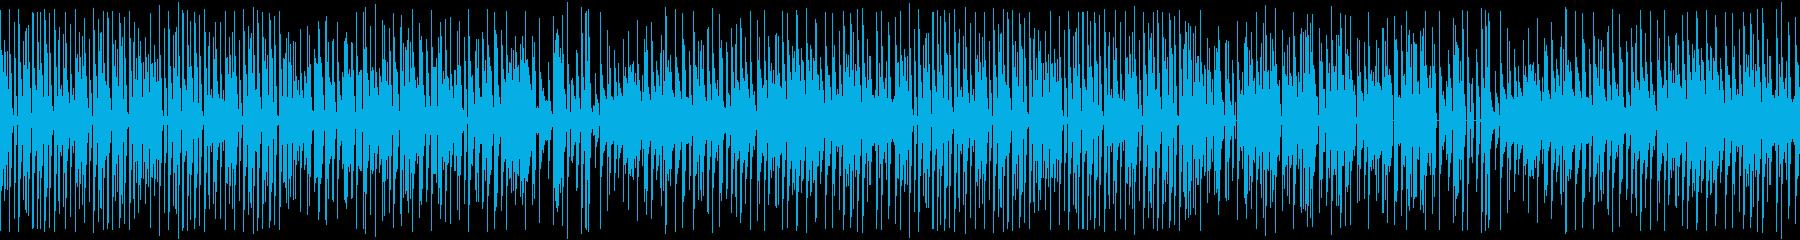 カンフー中華風・8bitゲーム機/ループの再生済みの波形